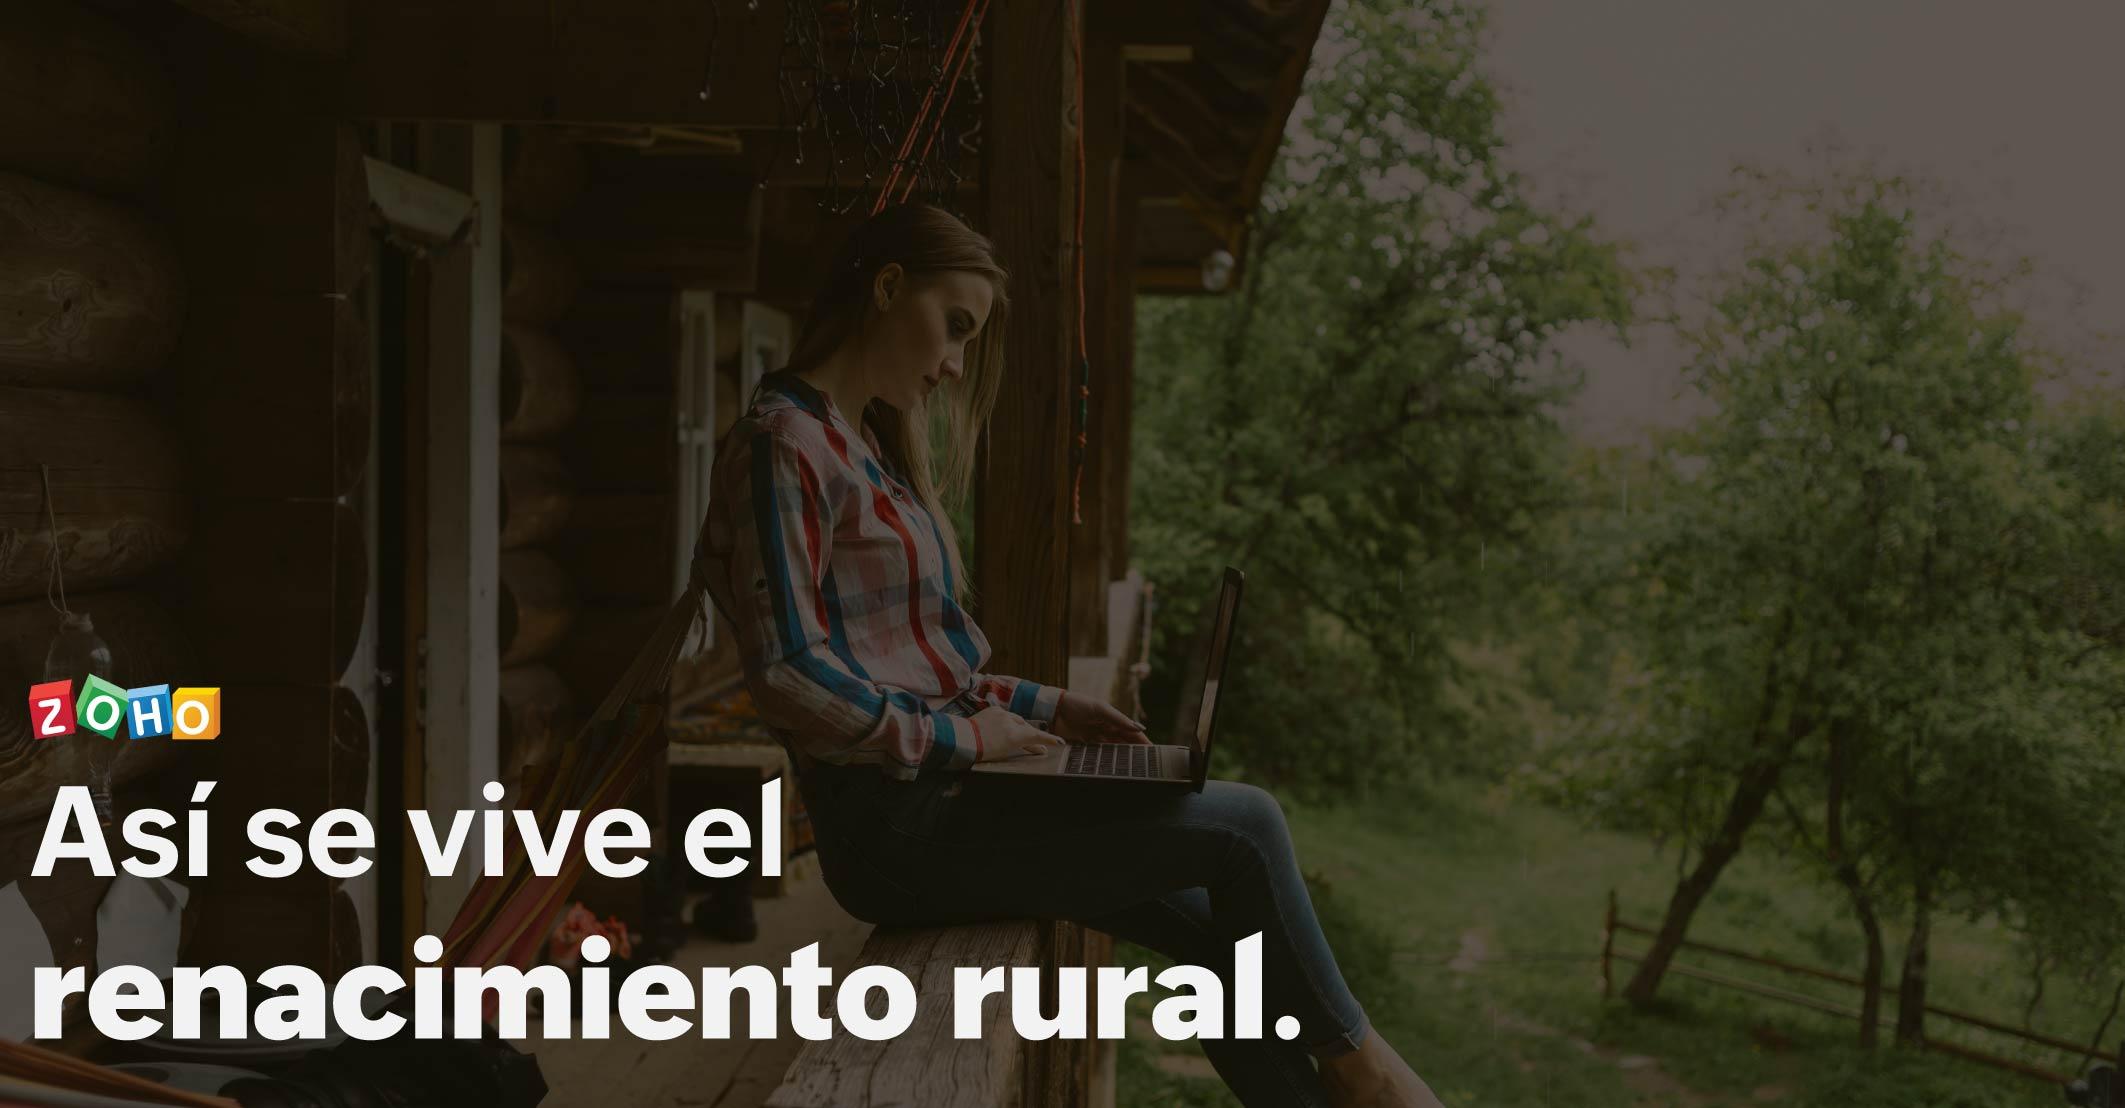 Renacimiento rural: Así trabajamos desde un rancho. [Podcast]